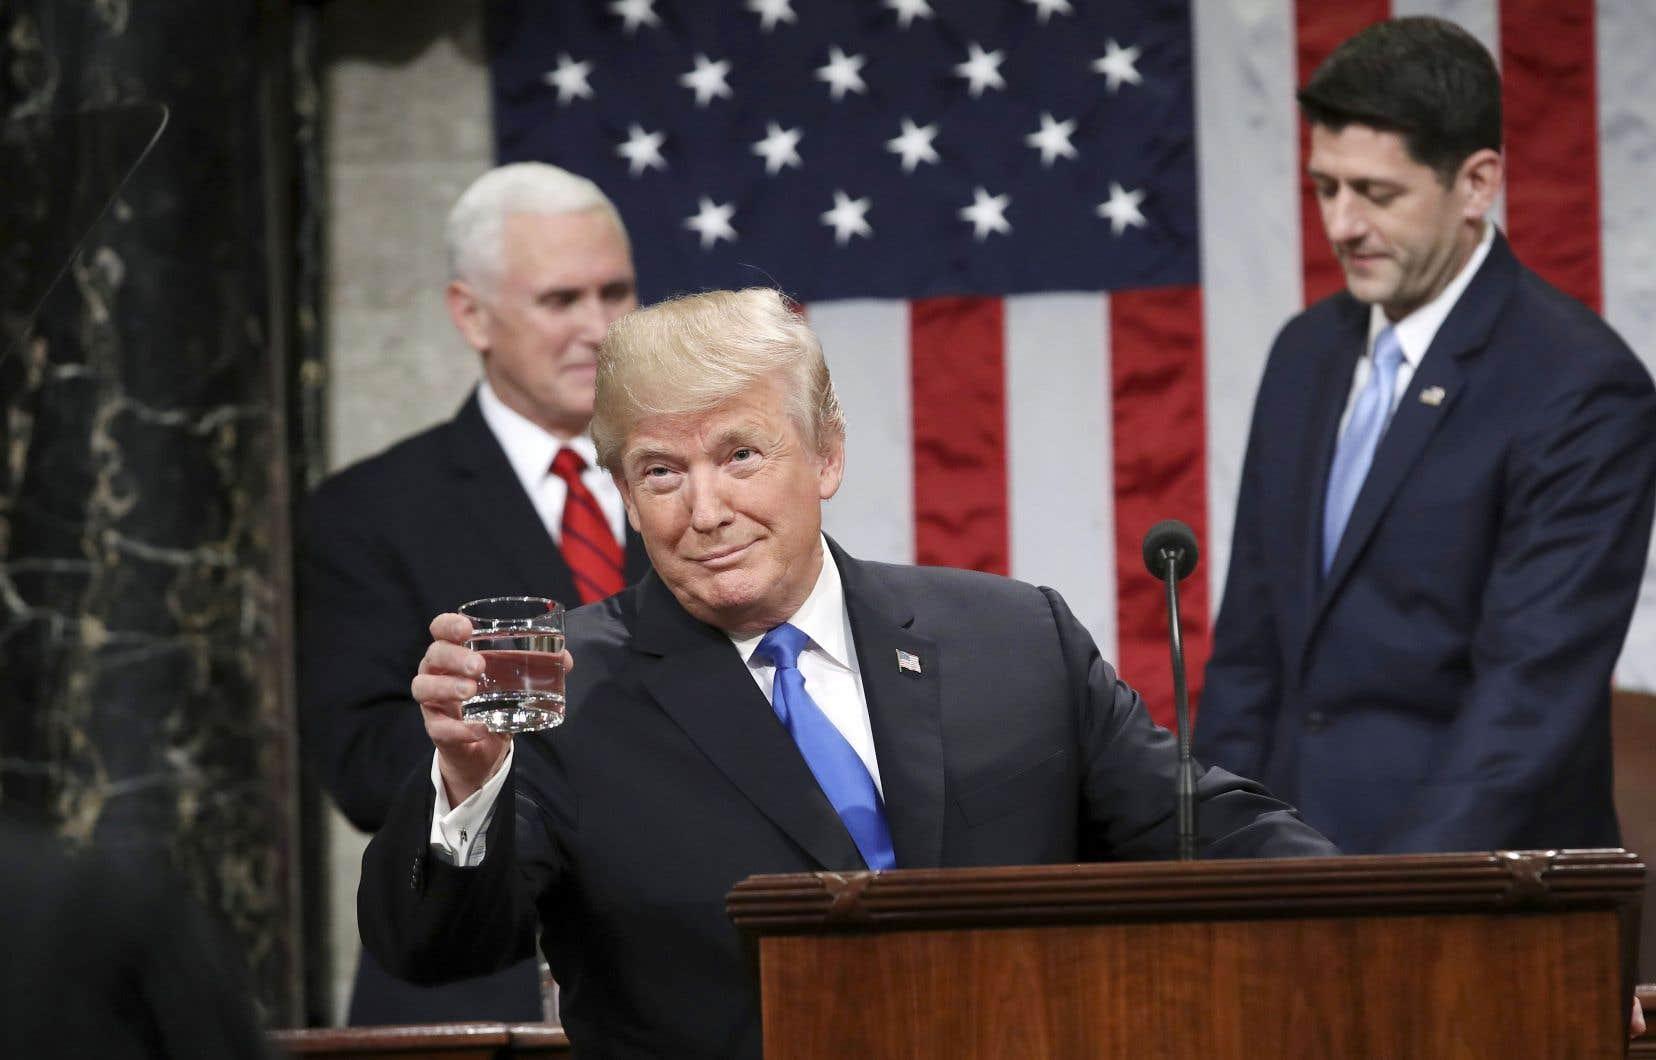 Donald Trump a livré son discours sur l'état de l'Union, mardi soir. Derrière lui, le vice-président, Mike Pence, et le président de la Chambre des représentants, Paul Ryan.